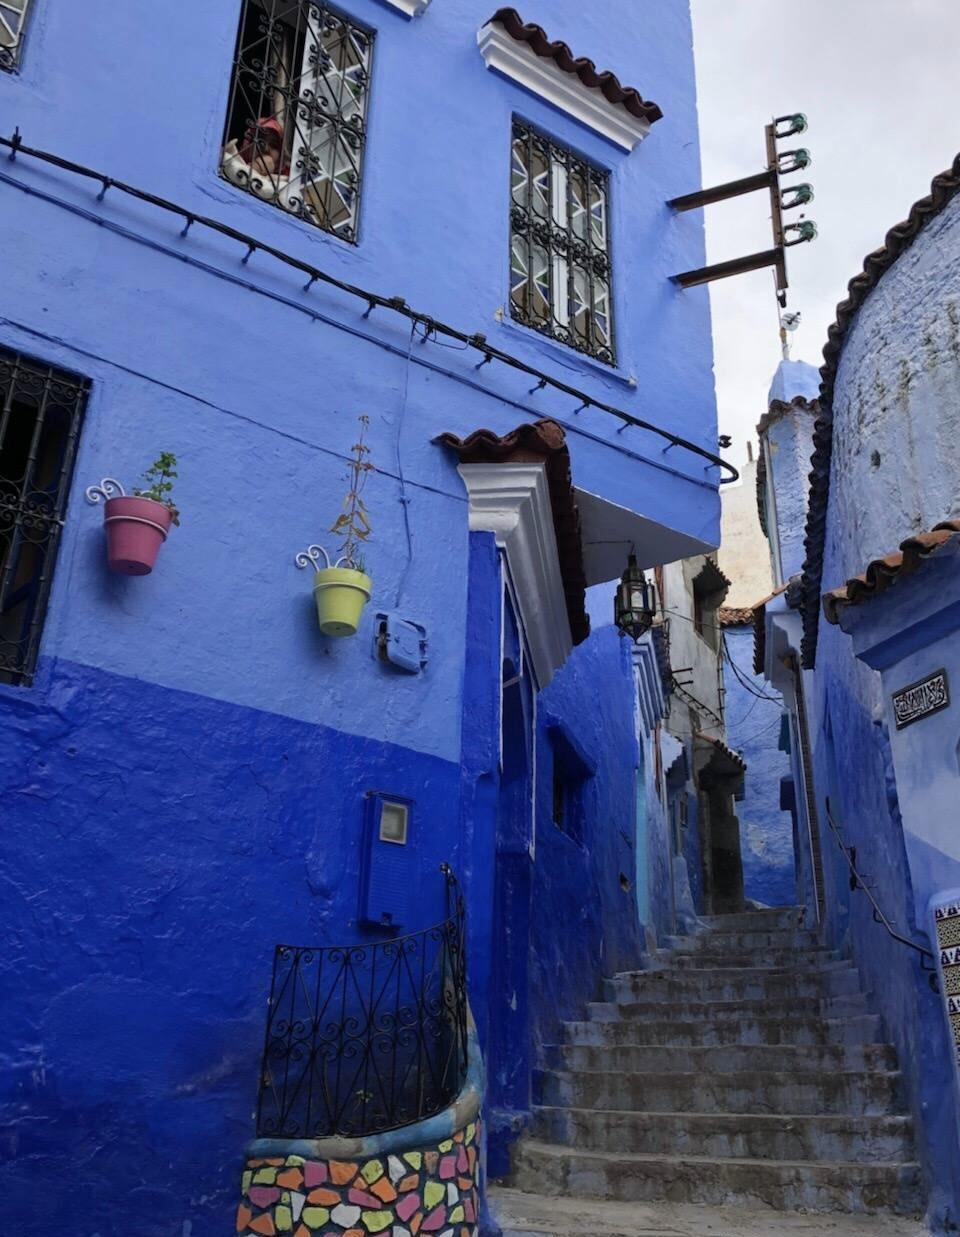 【10月】摩洛哥(四大皇城+舍夫沙万+撒哈拉沙漠+直布罗陀海峡)12天撒哈拉迷情之旅(上海往返)